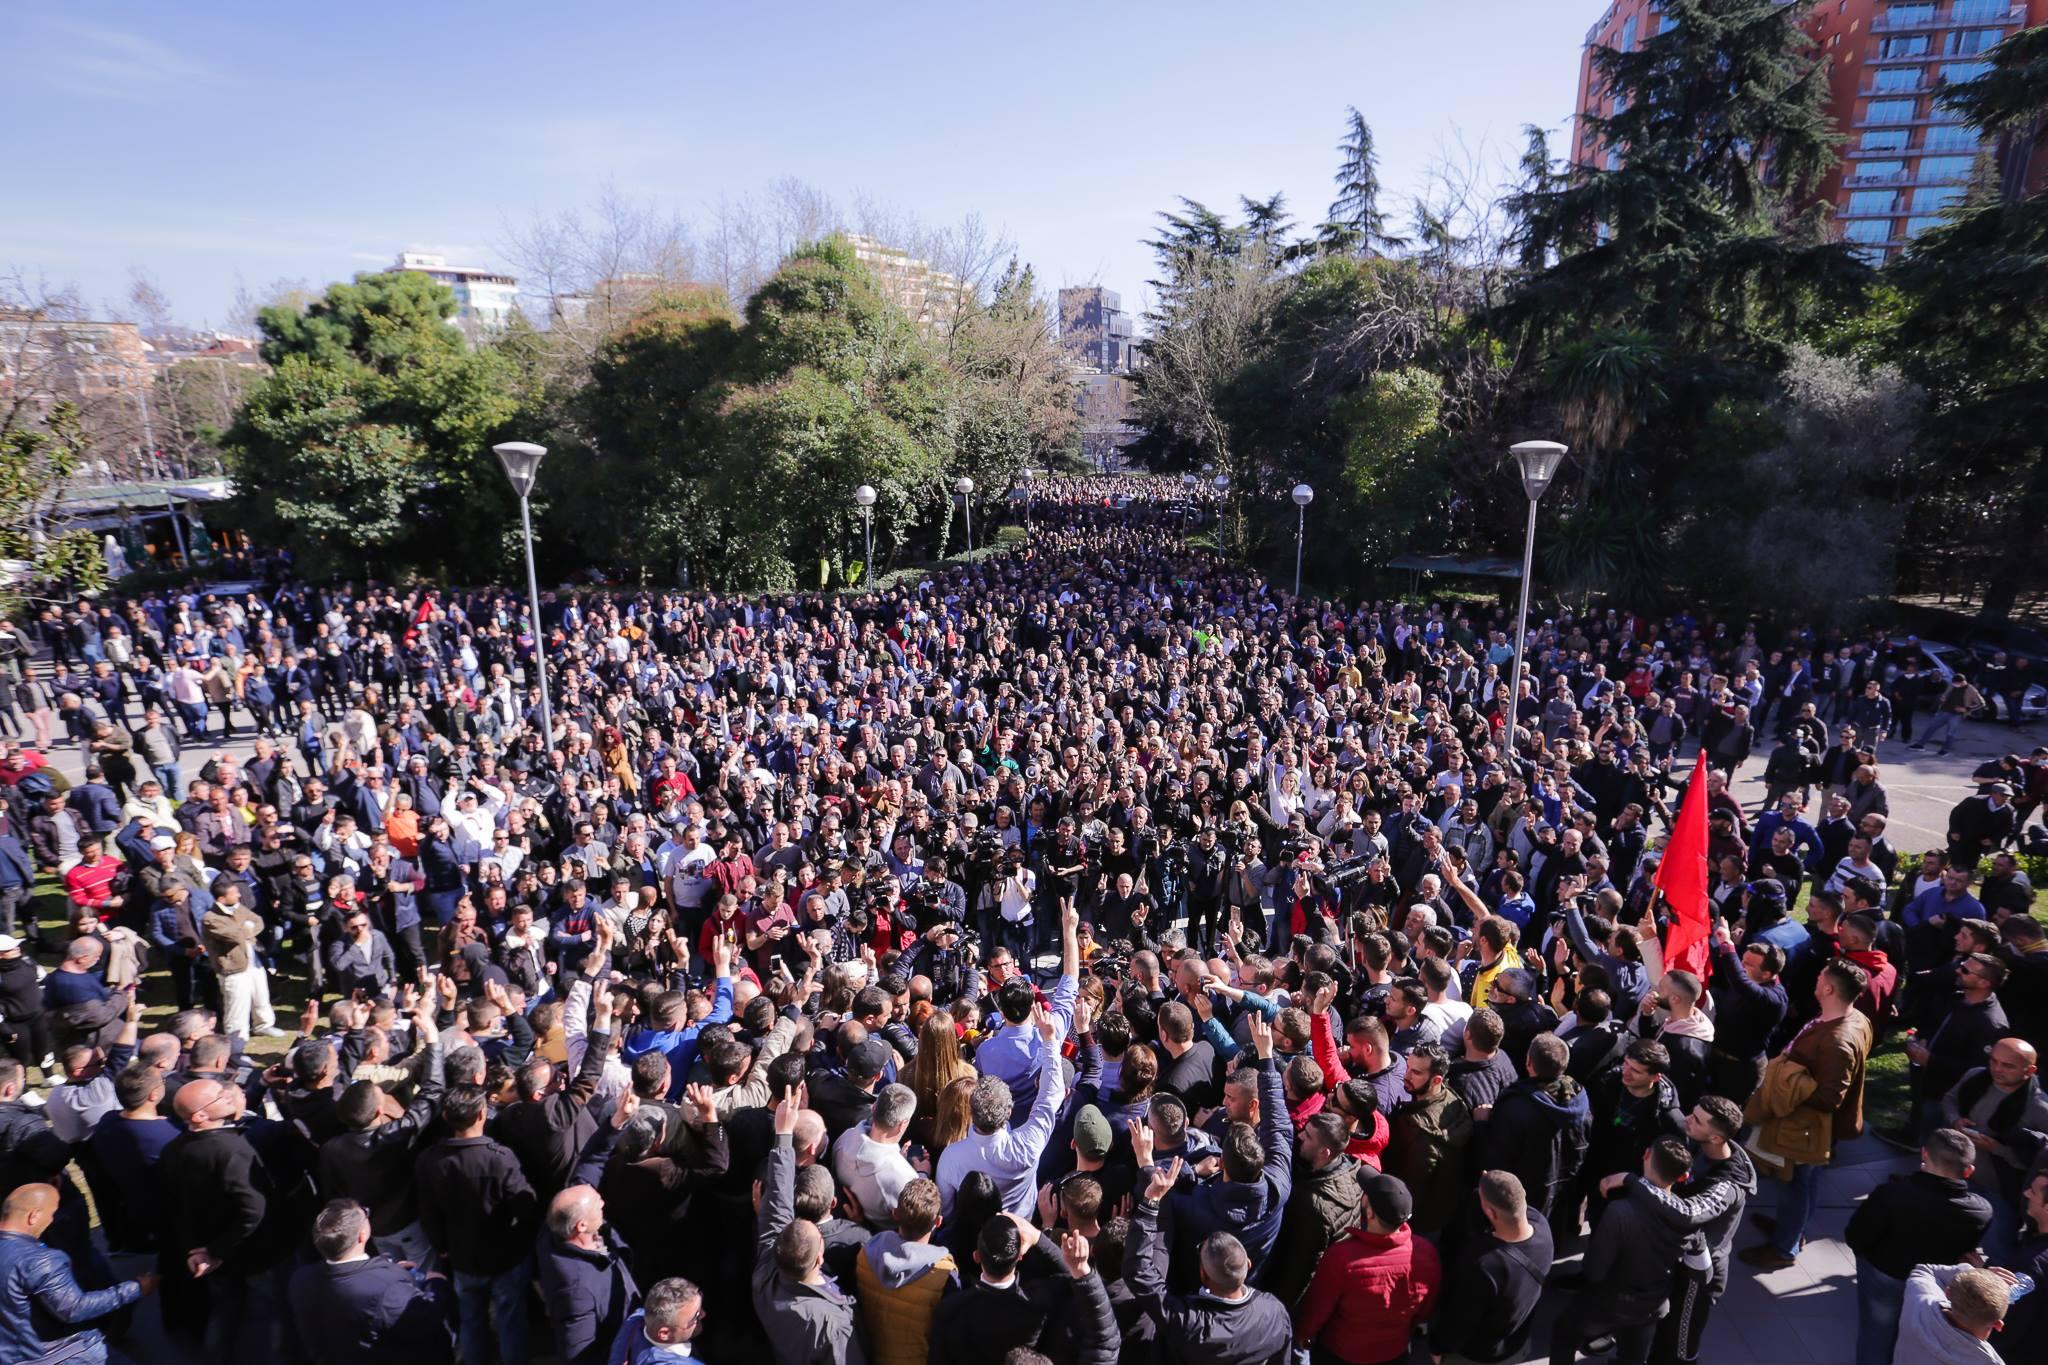 Reagimi i Bashës: Fund qeverisë së hajdutëve dhe kriminelëve